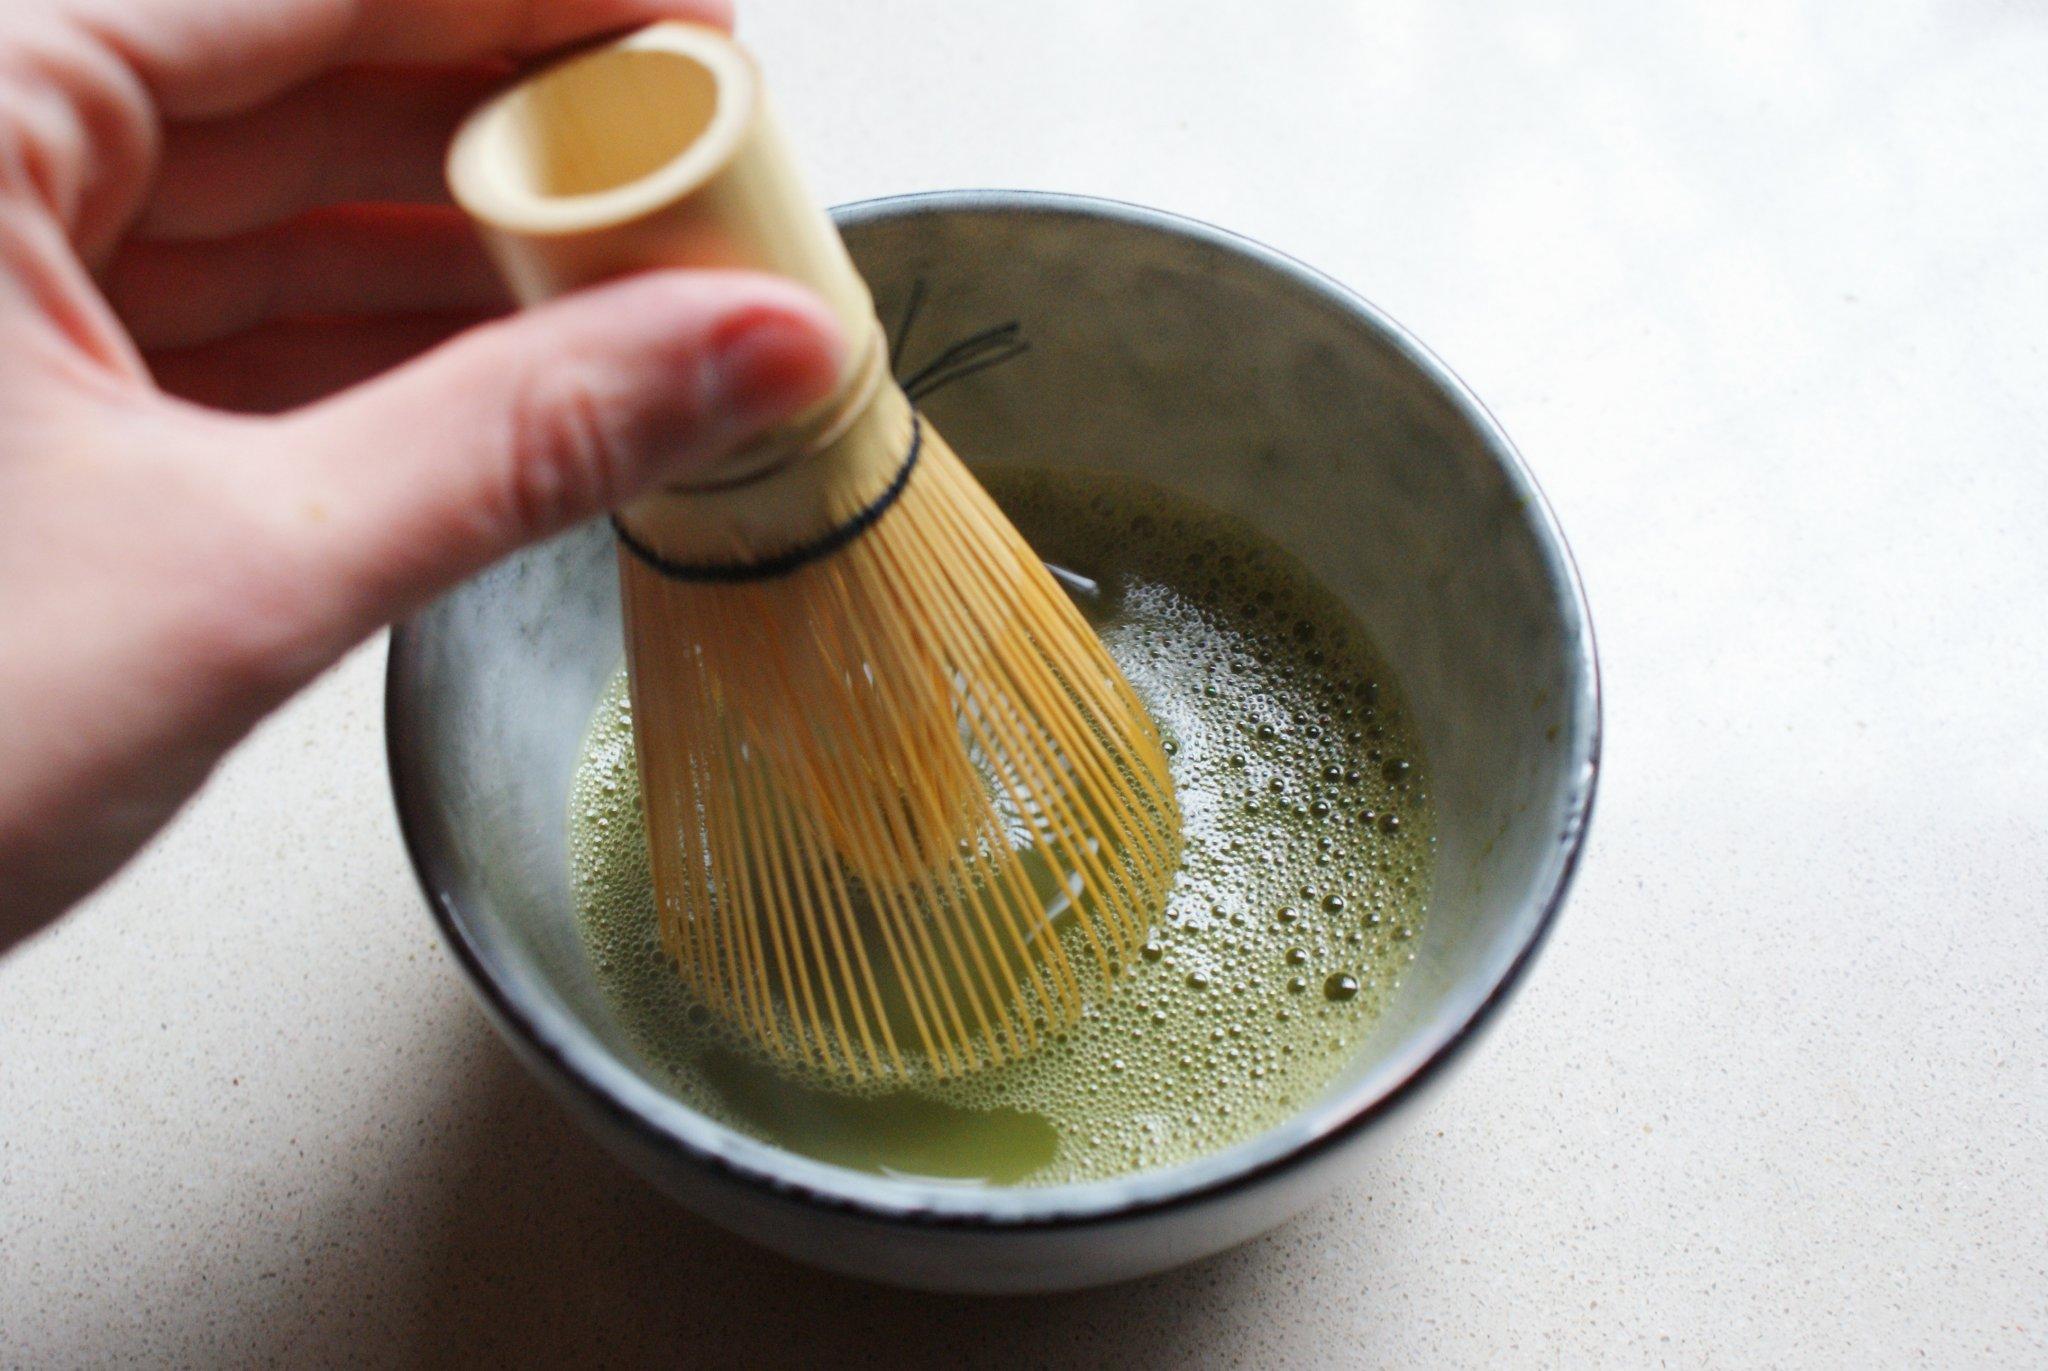 preparare matcha te casa tutorial